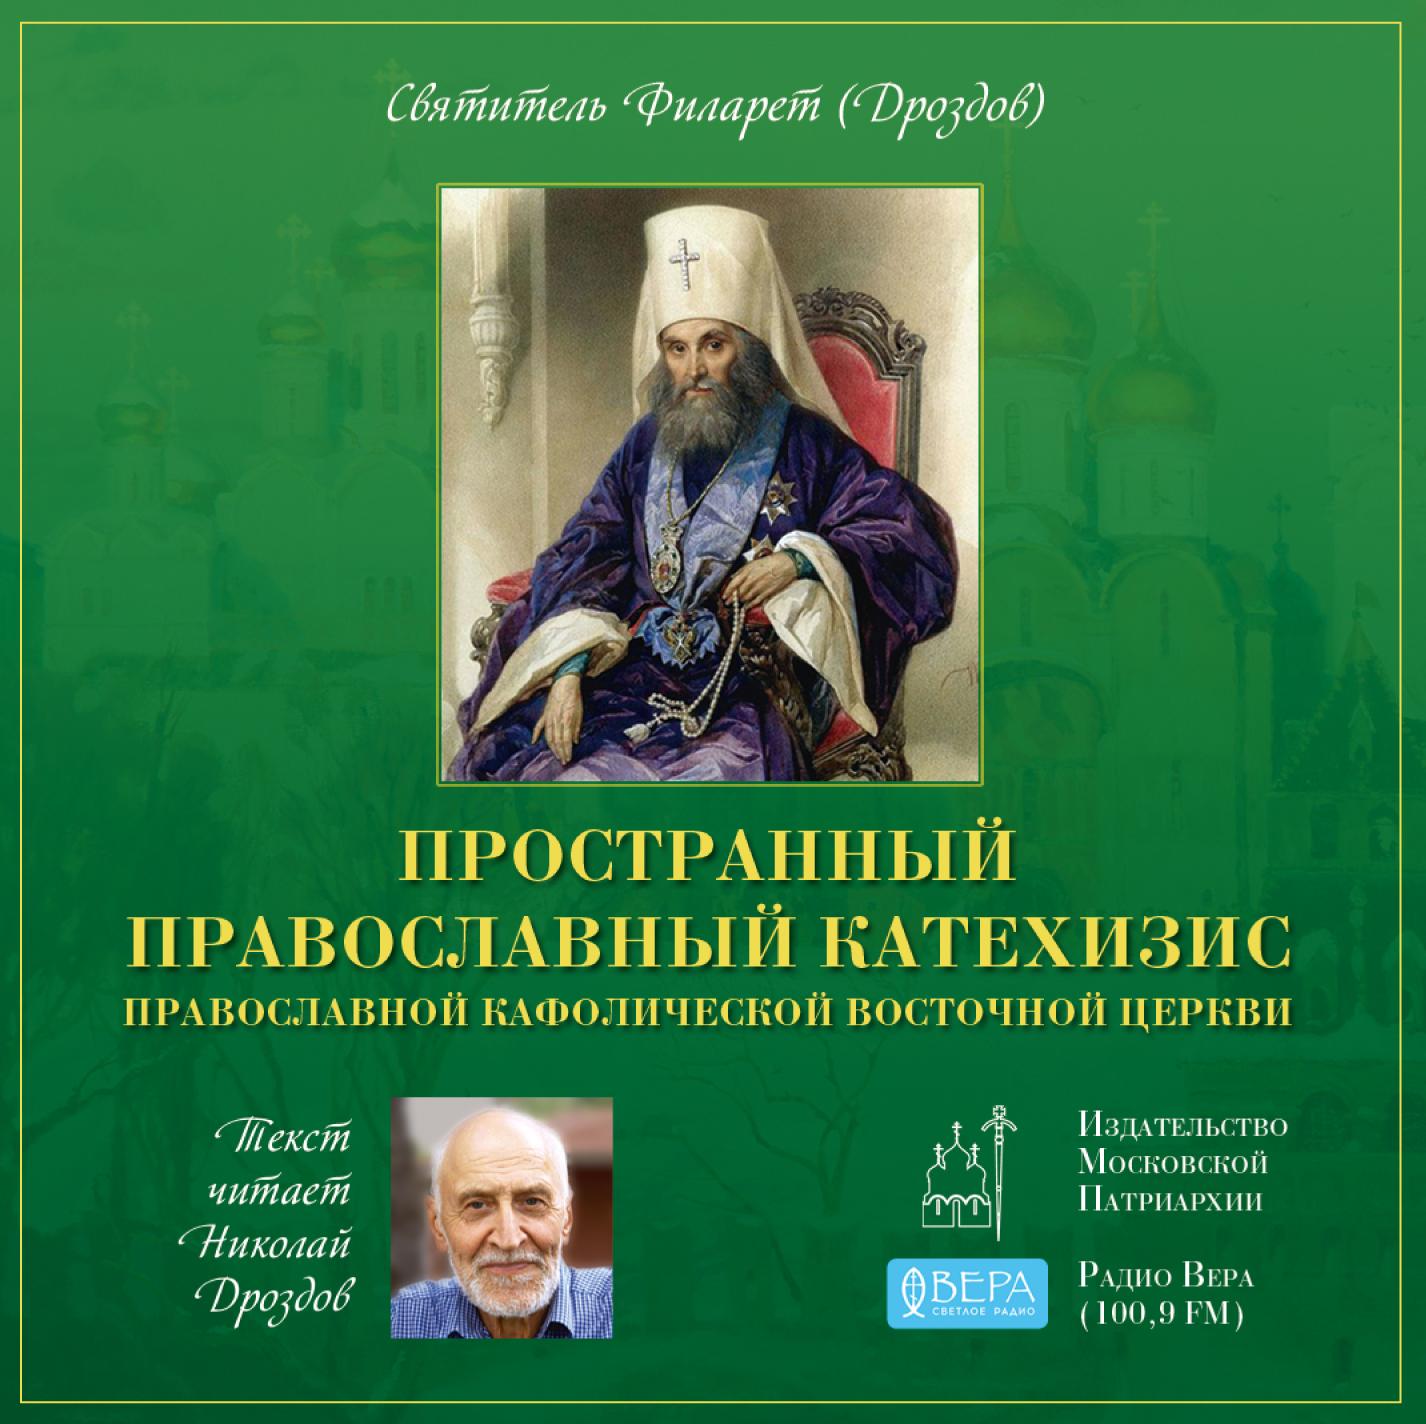 Святитель Филарет (Дроздов) Митрополит Московский Катехизис